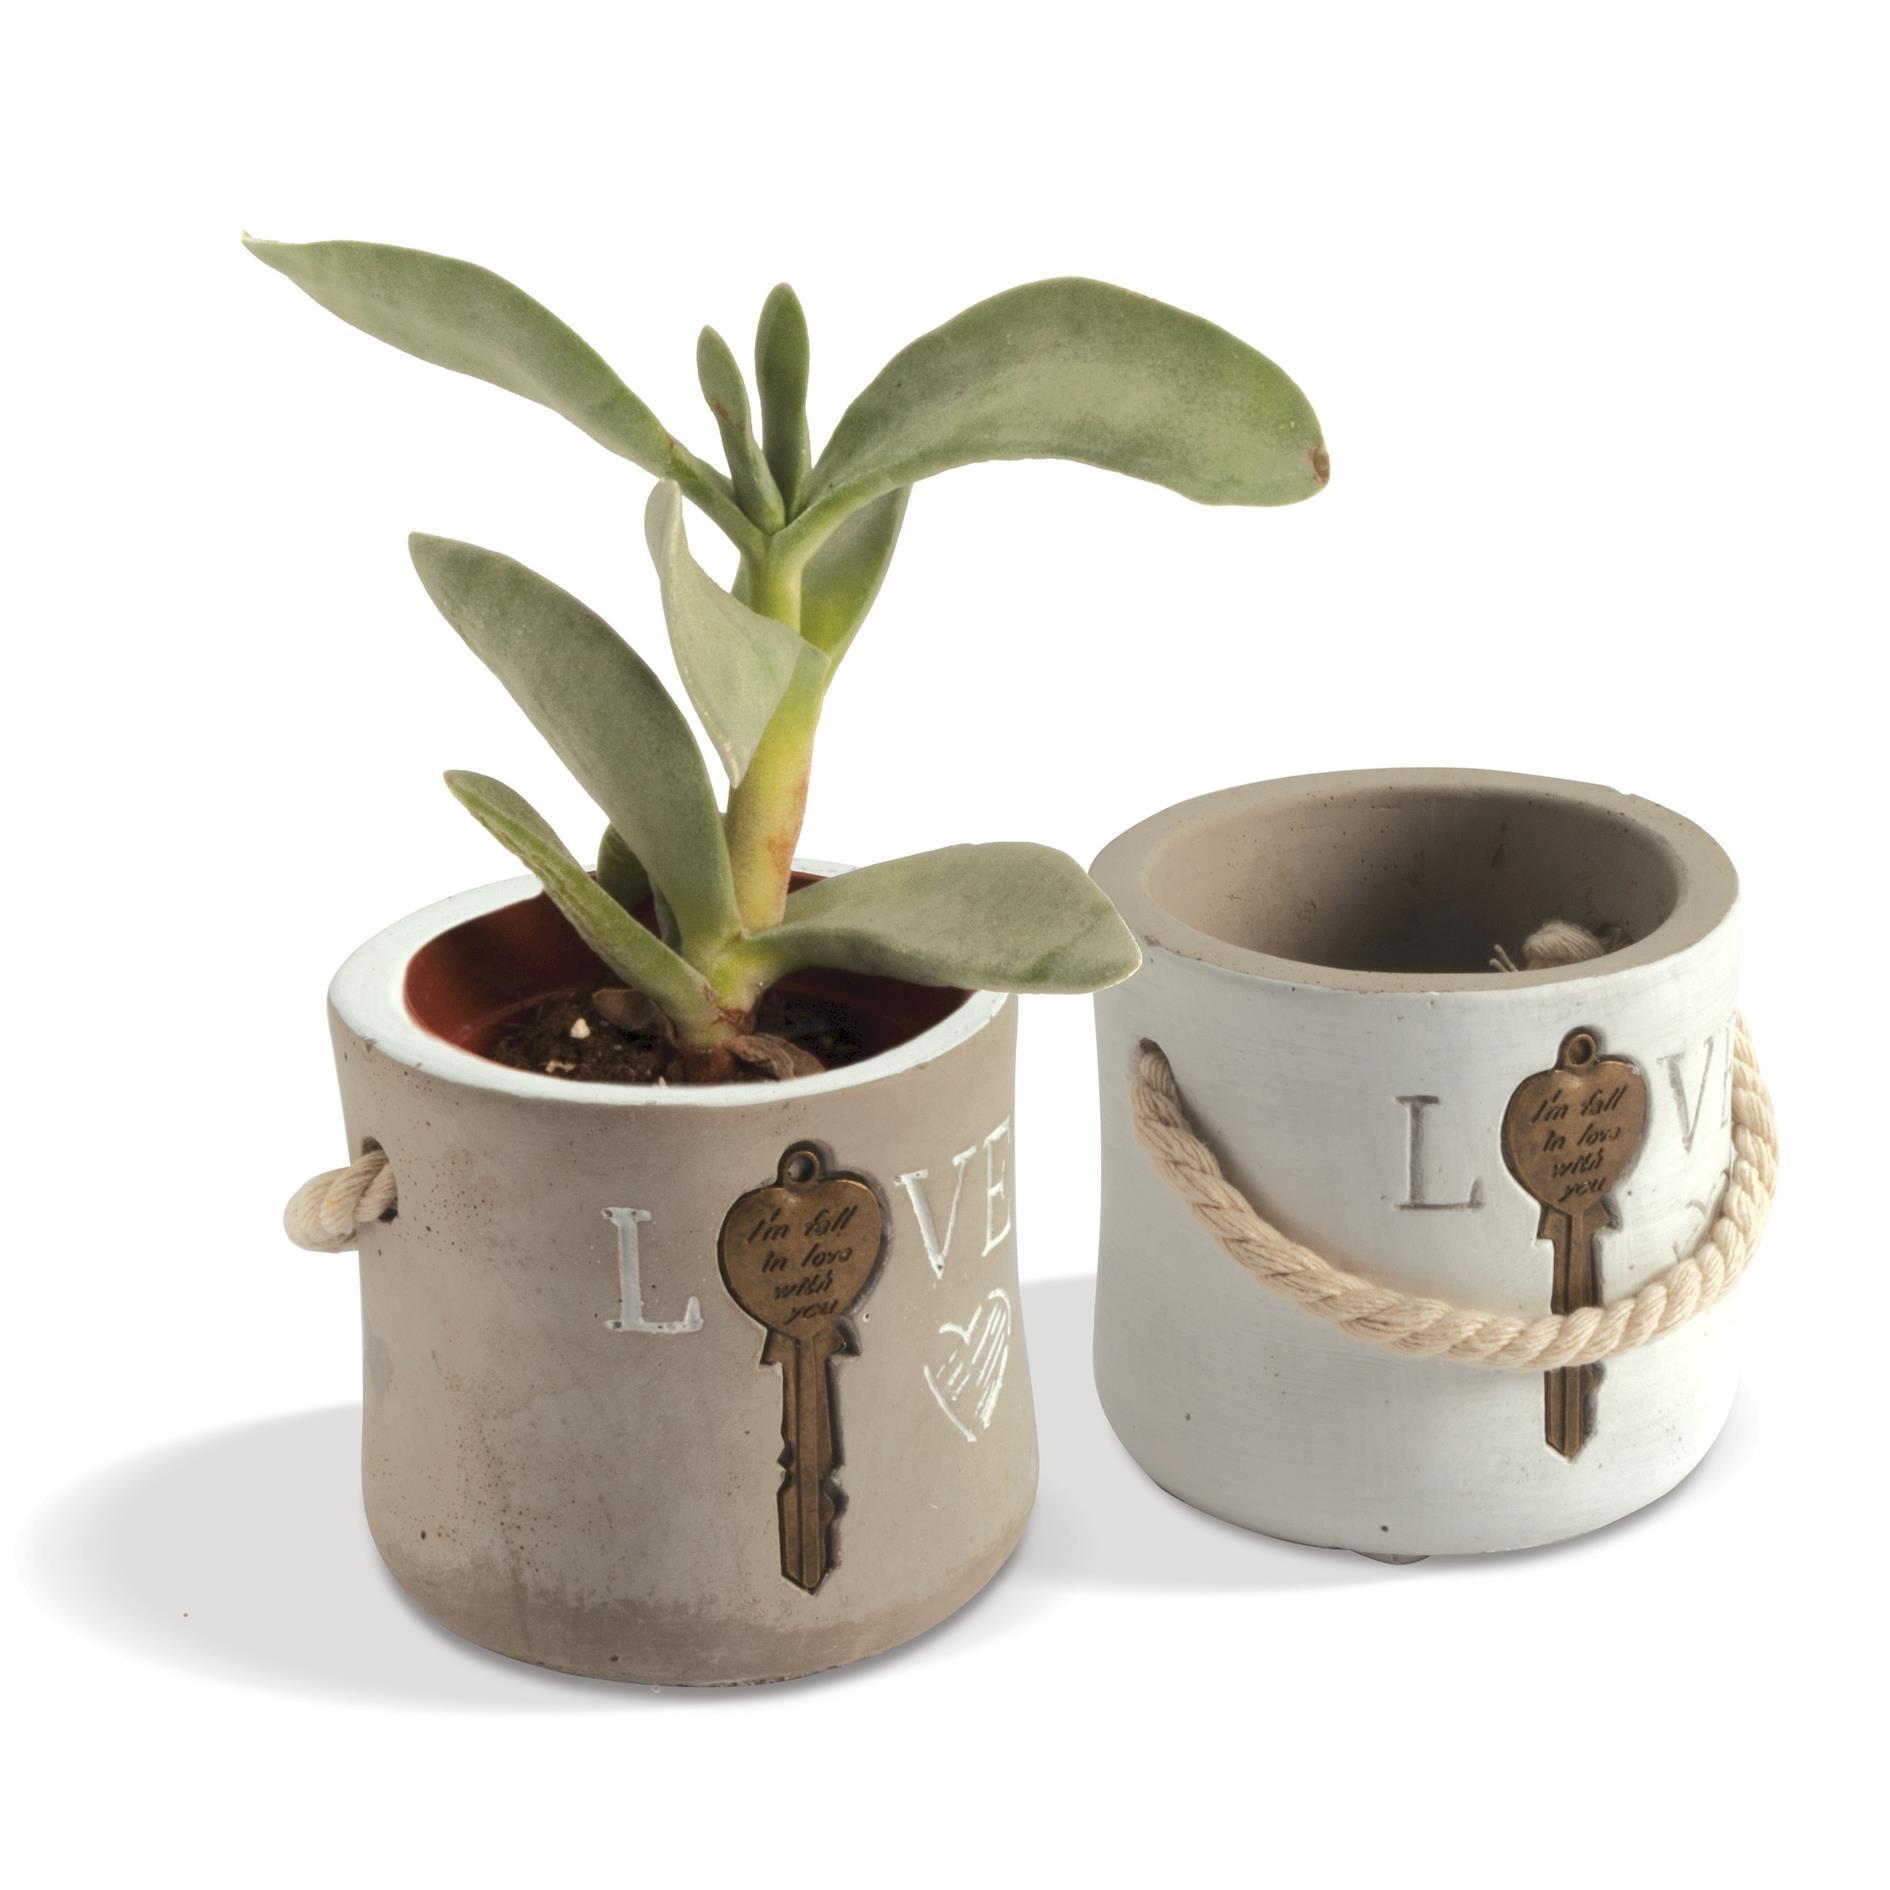 Quadrifoglio - collezione Clizia, p/piante con scritta Love